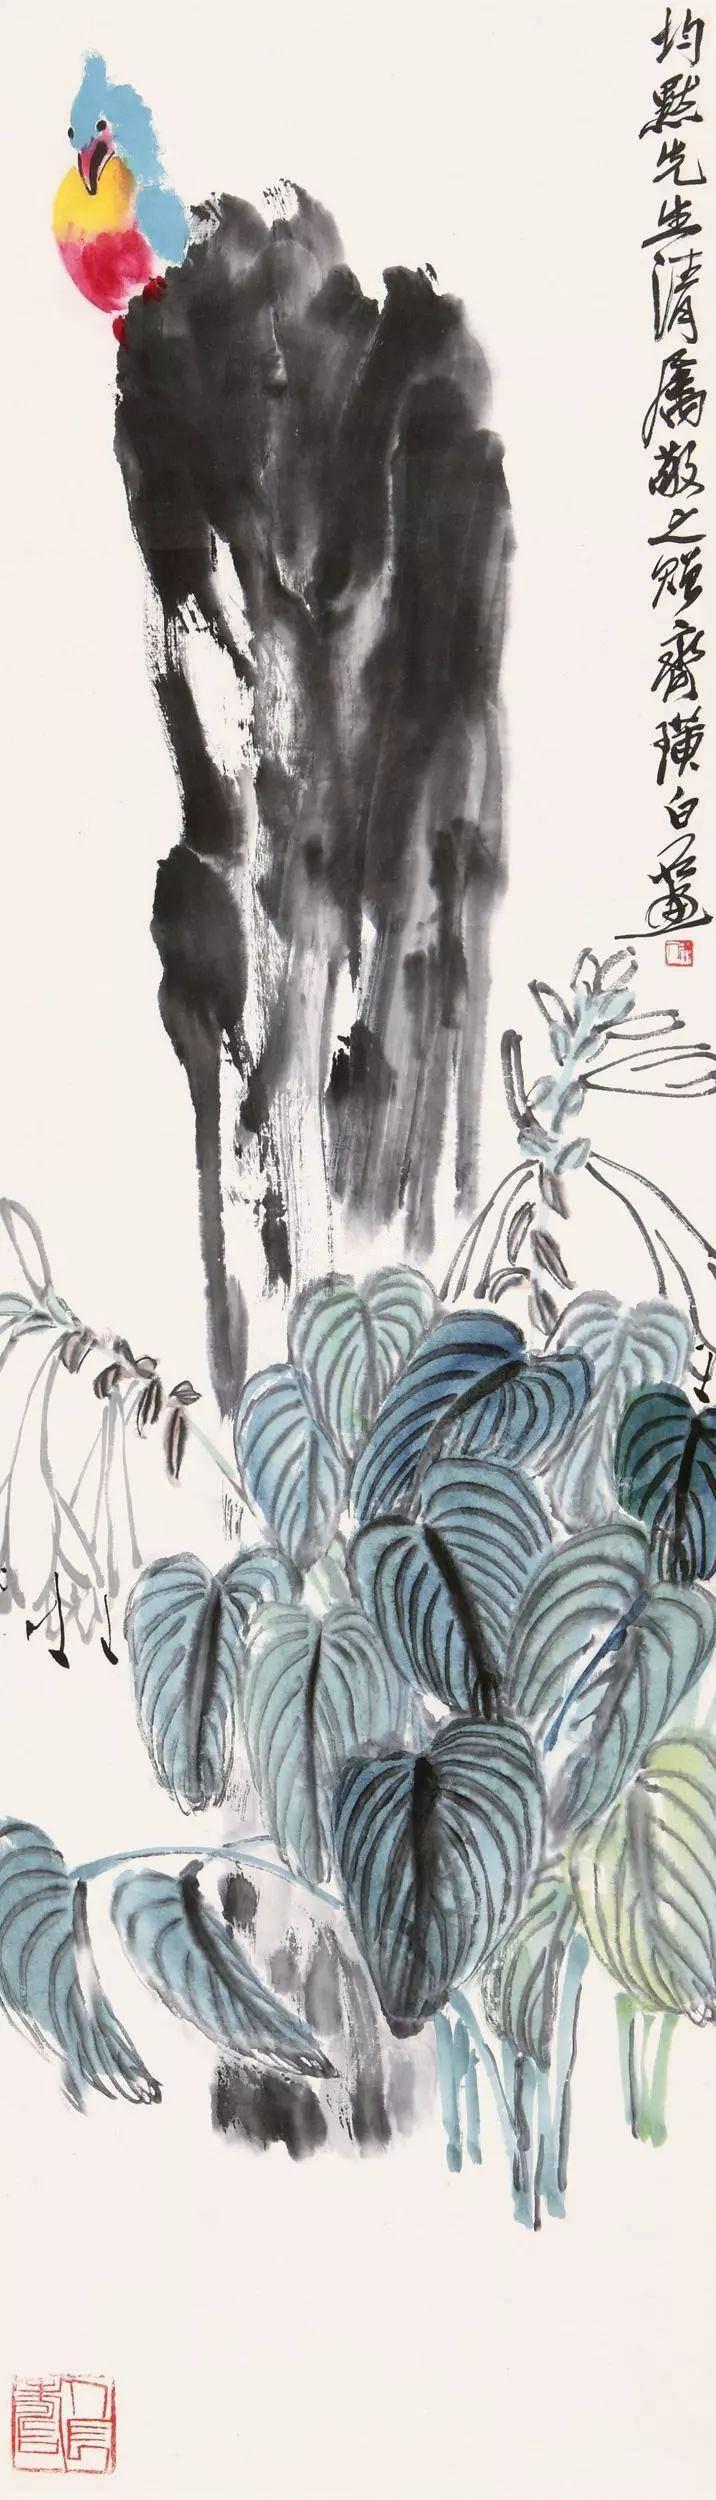 齐白石画的这幅笼外鹦鹉图,送给了一个叫淑华的女子.图片